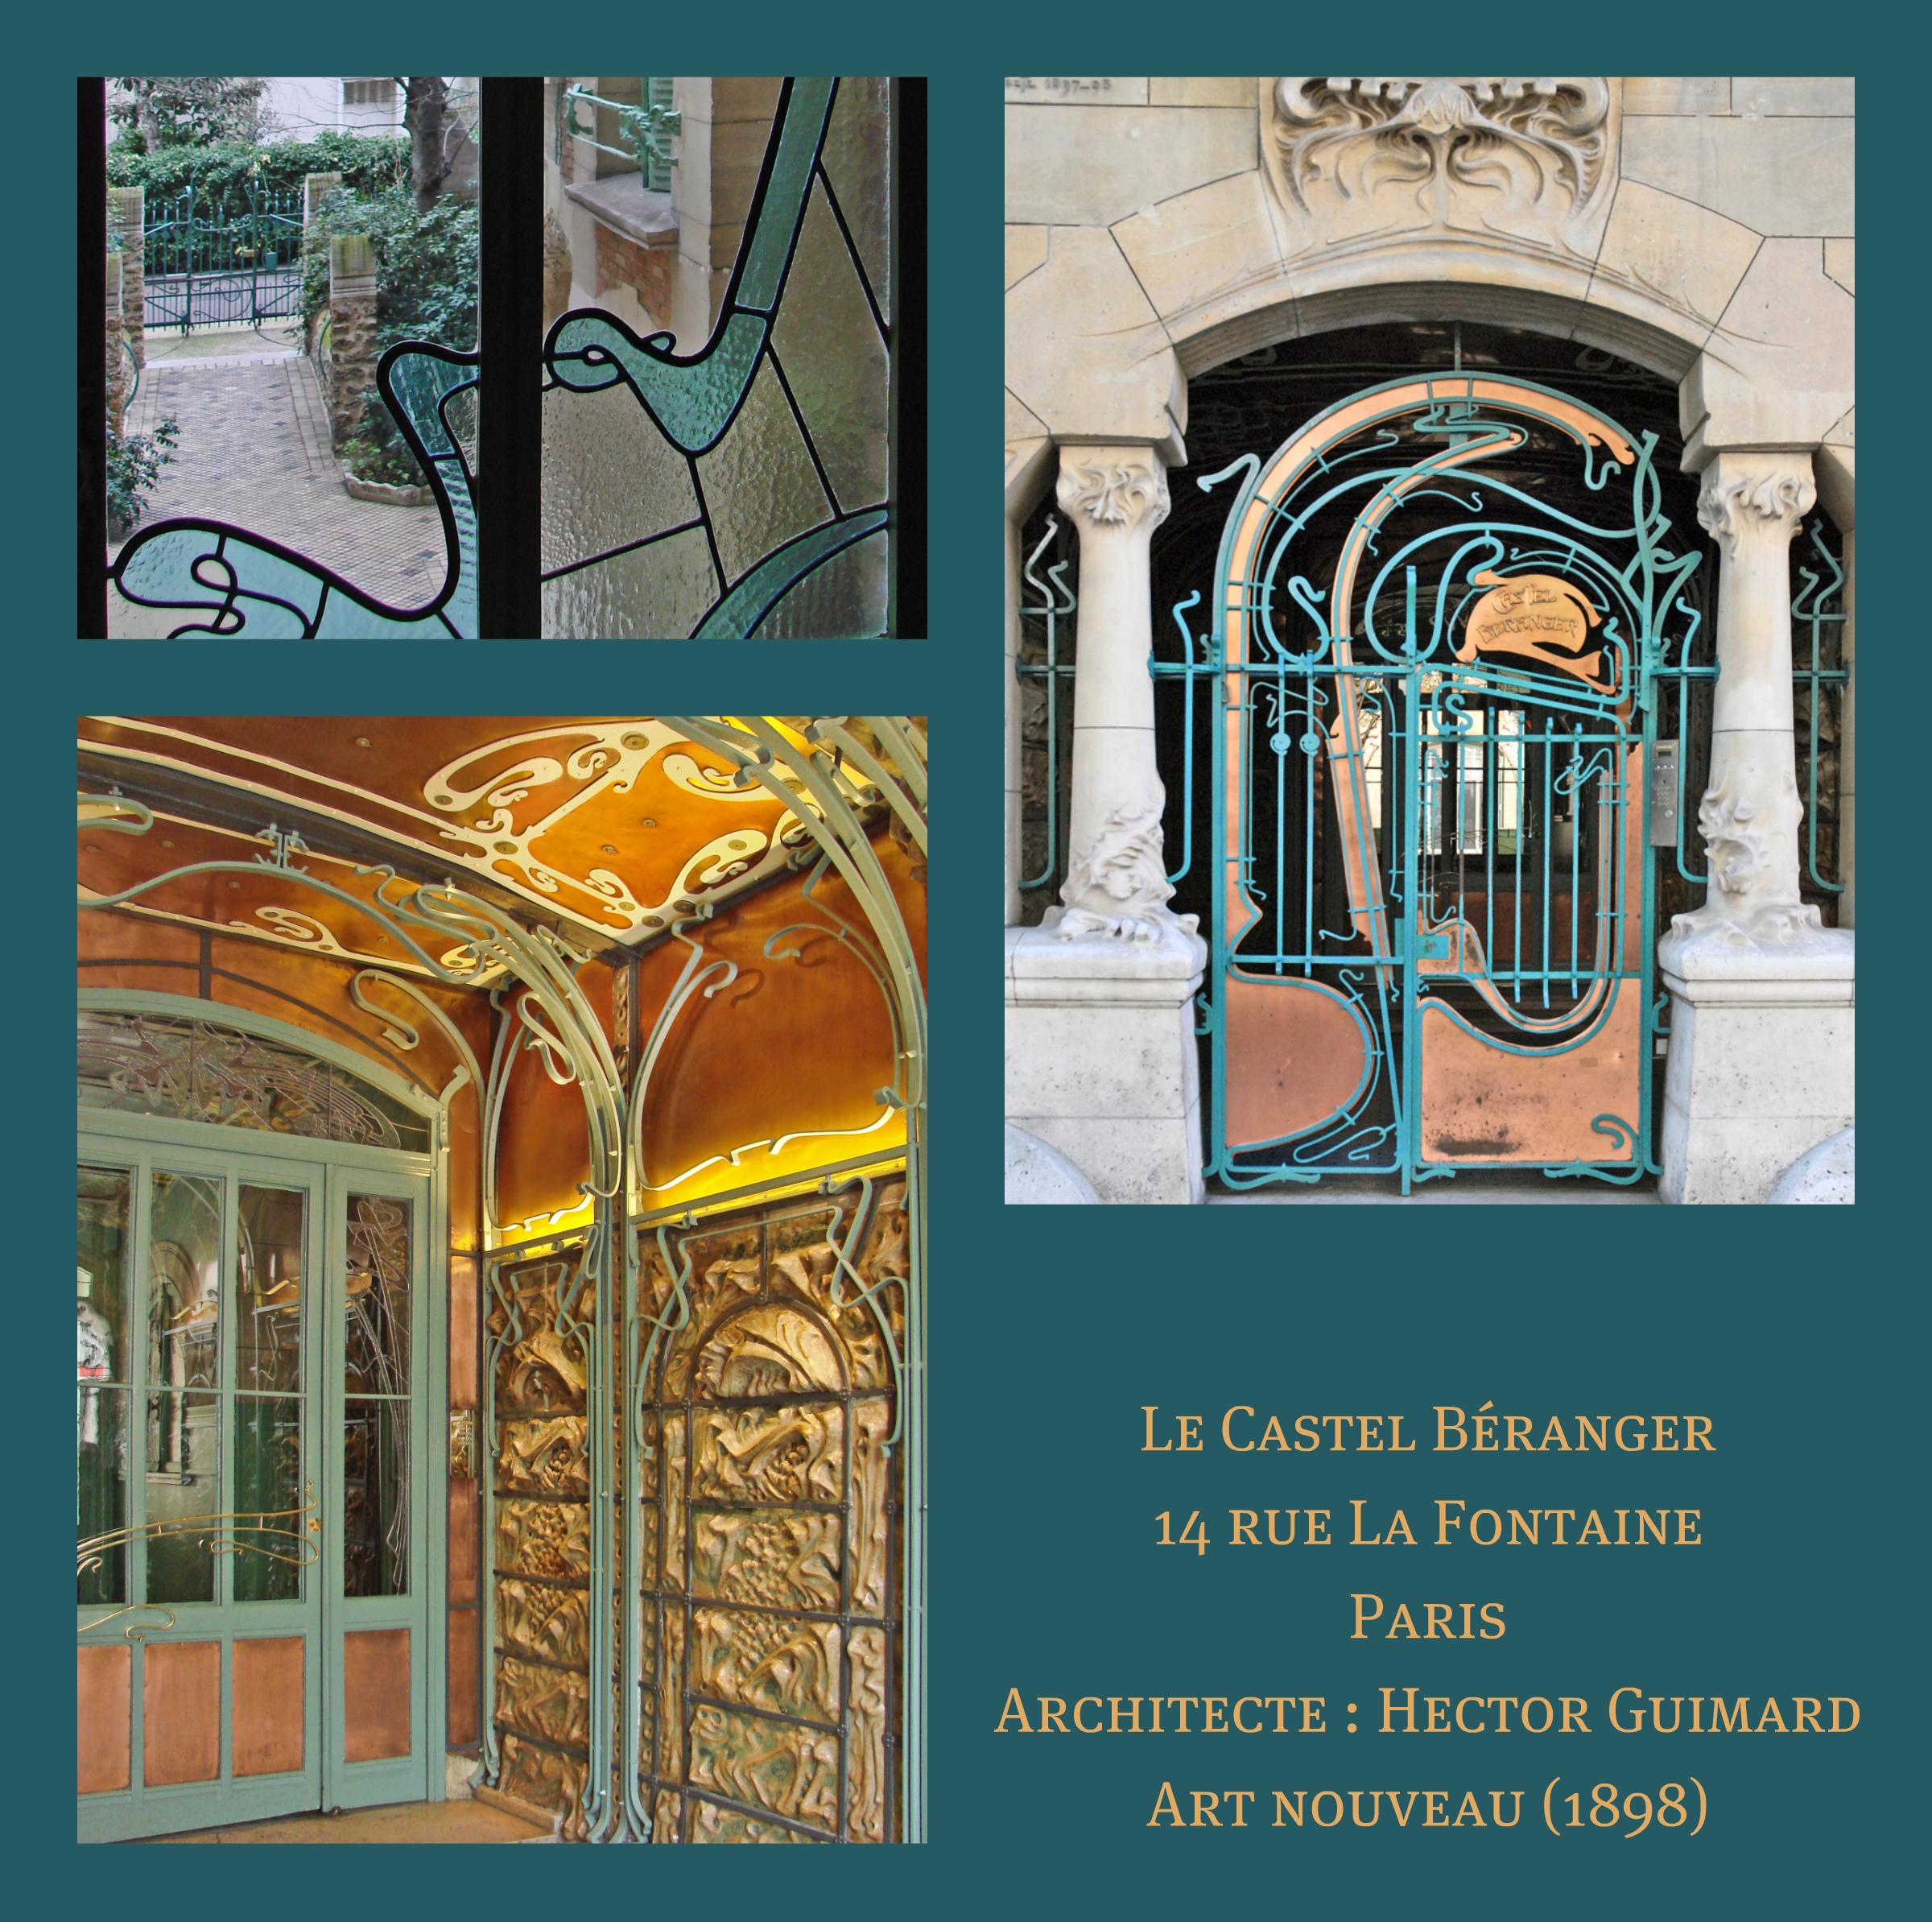 29 Rue De La Ferronnerie file:le castel béranger dhector guimard (paris) (5523750163